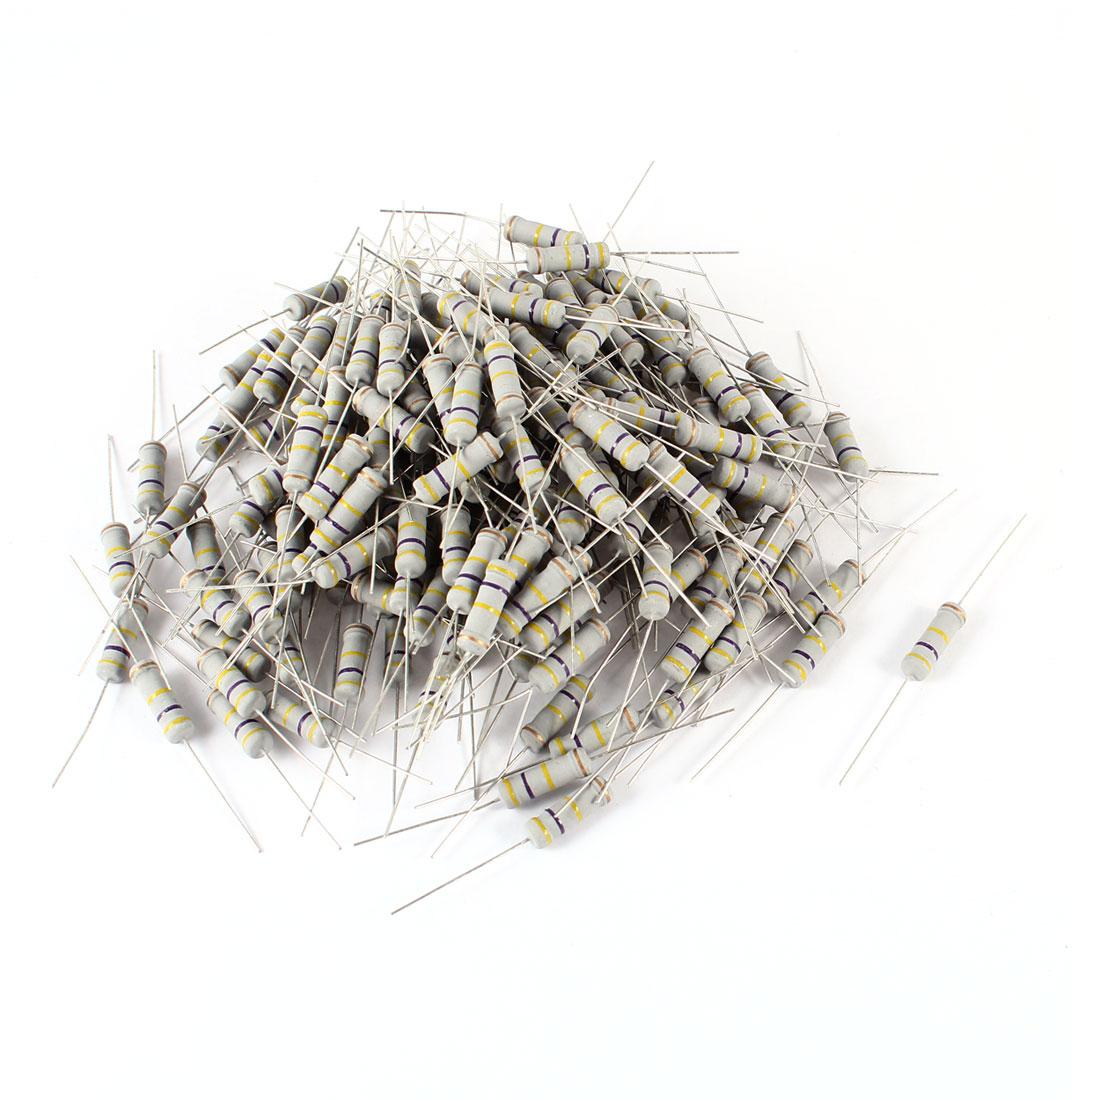 200-Pieces-470K-Ohm-5-2-Watt-Axial-Leads-Metal-Oxide-Film-Resistor